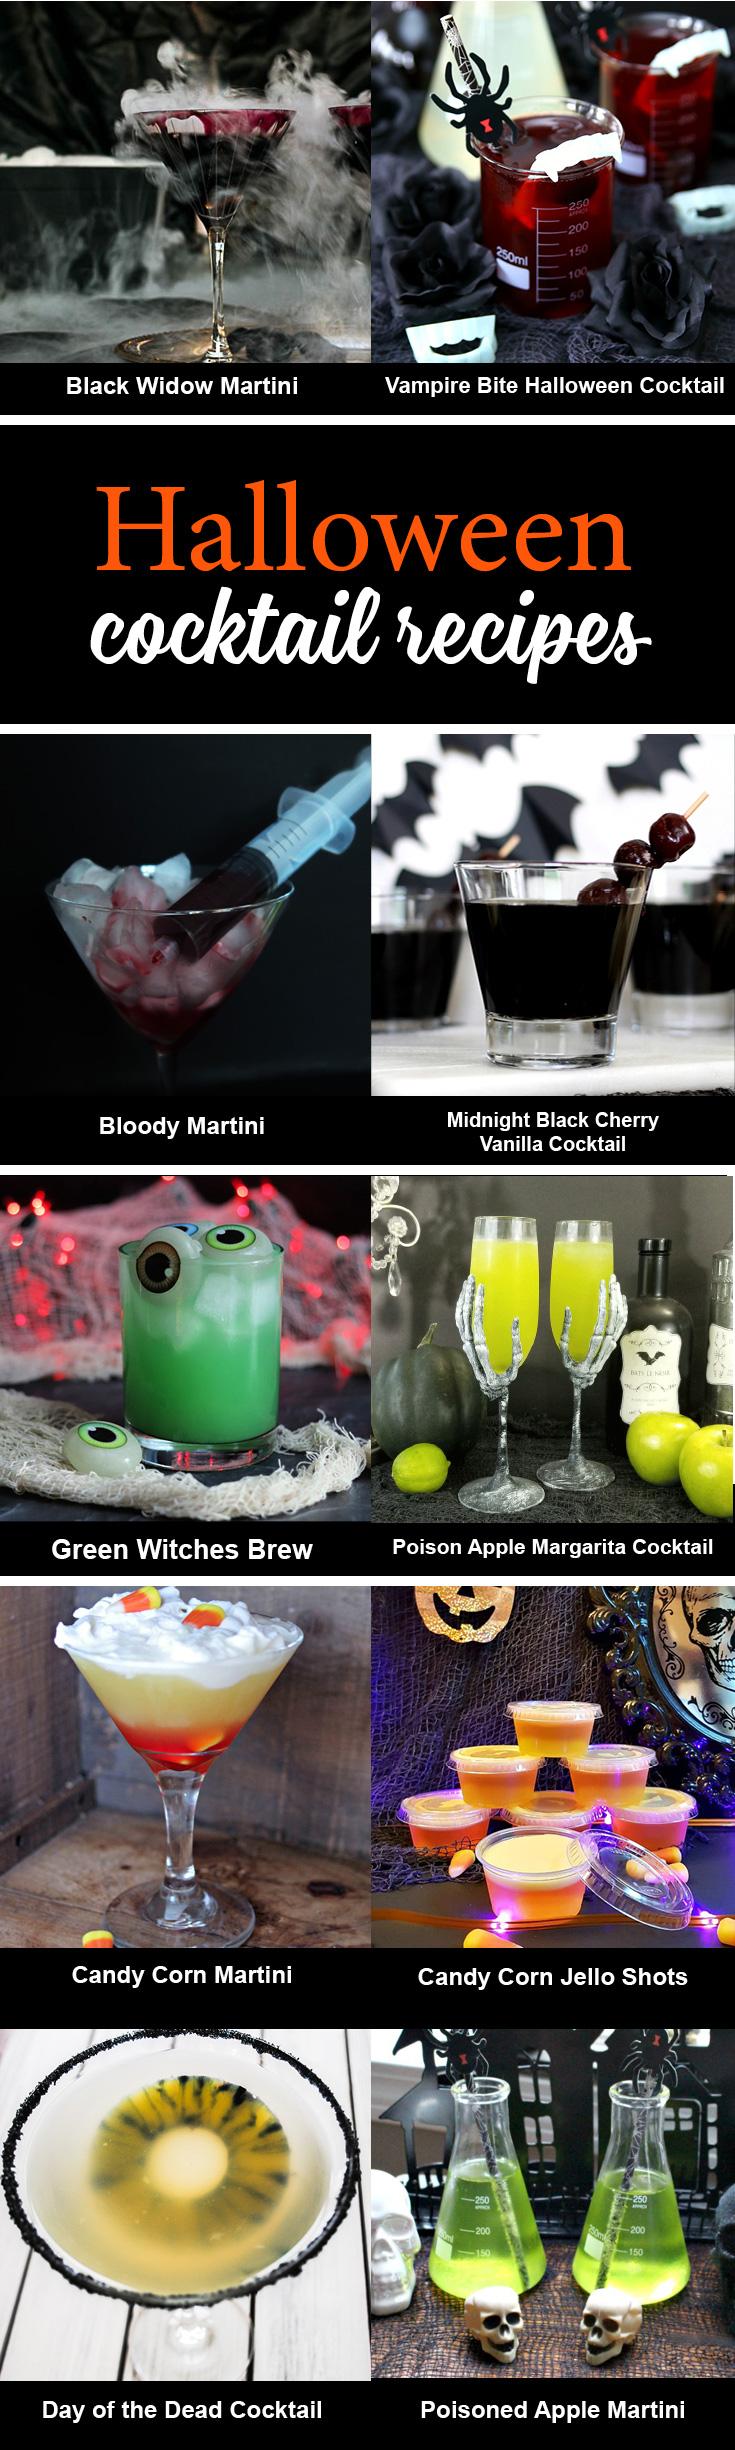 10-halloween-Cocktails_v2.jpg